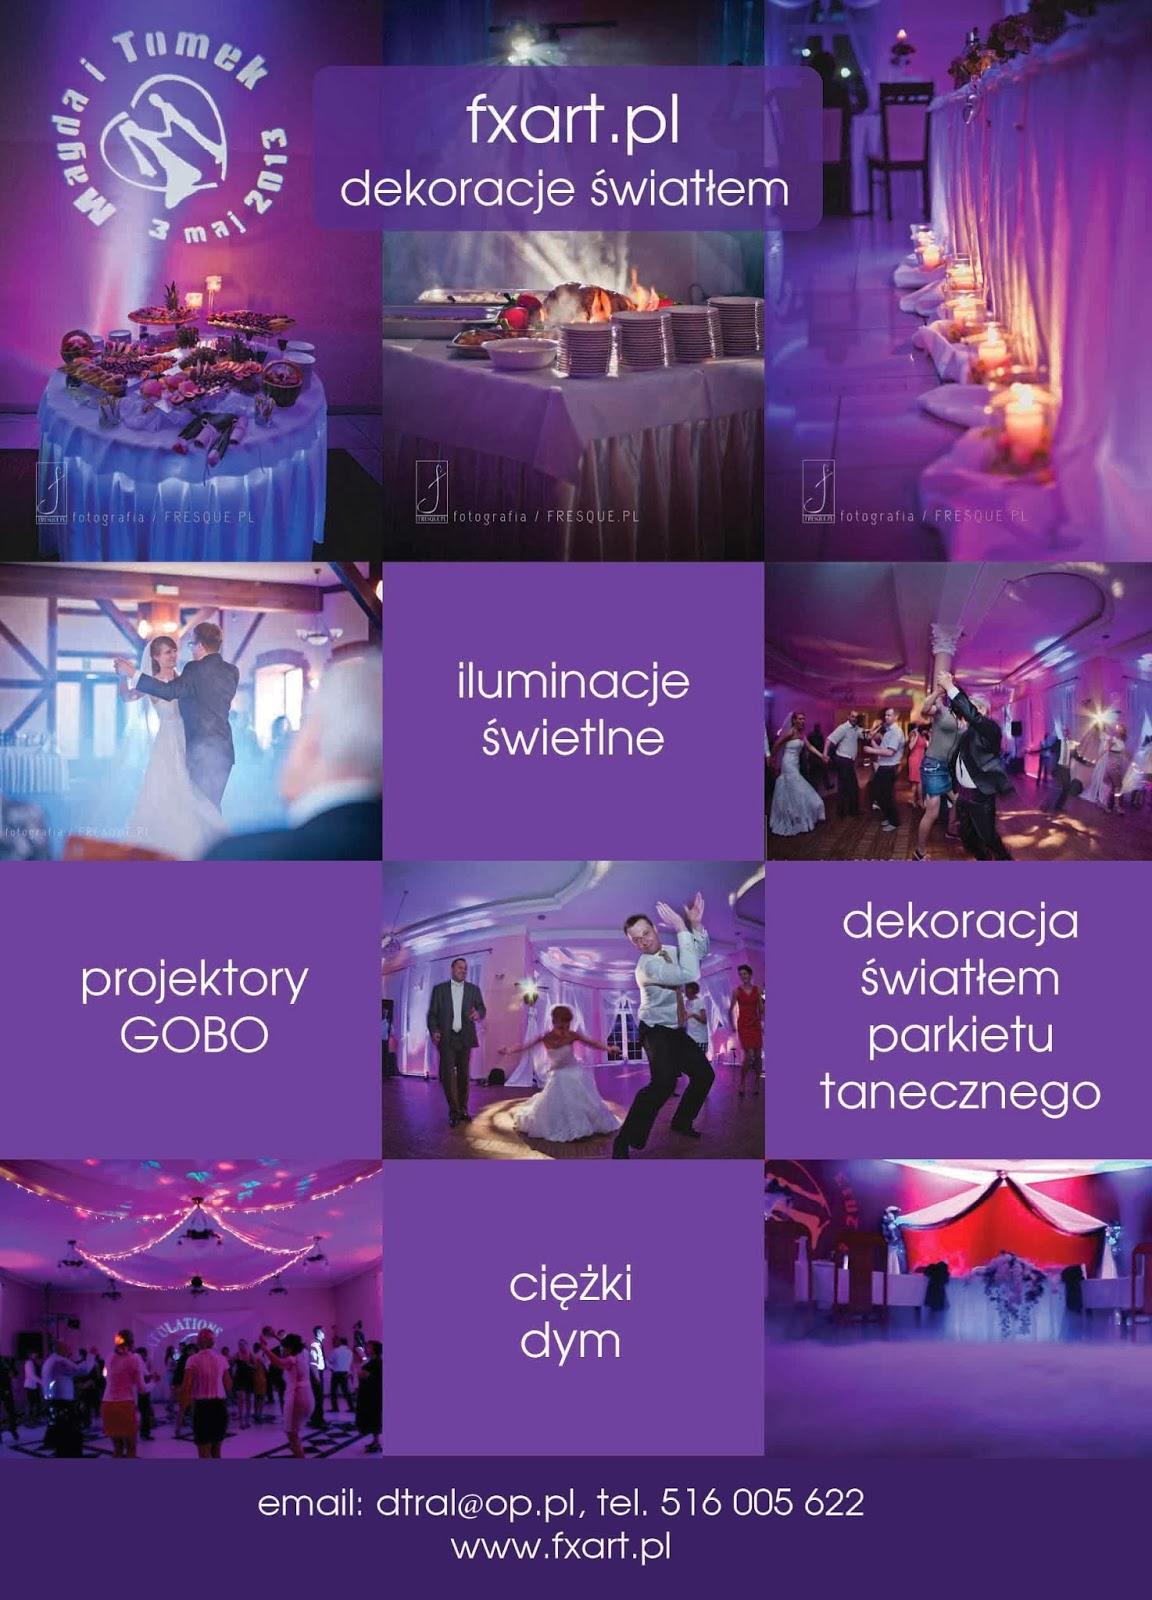 www.fxart.pl